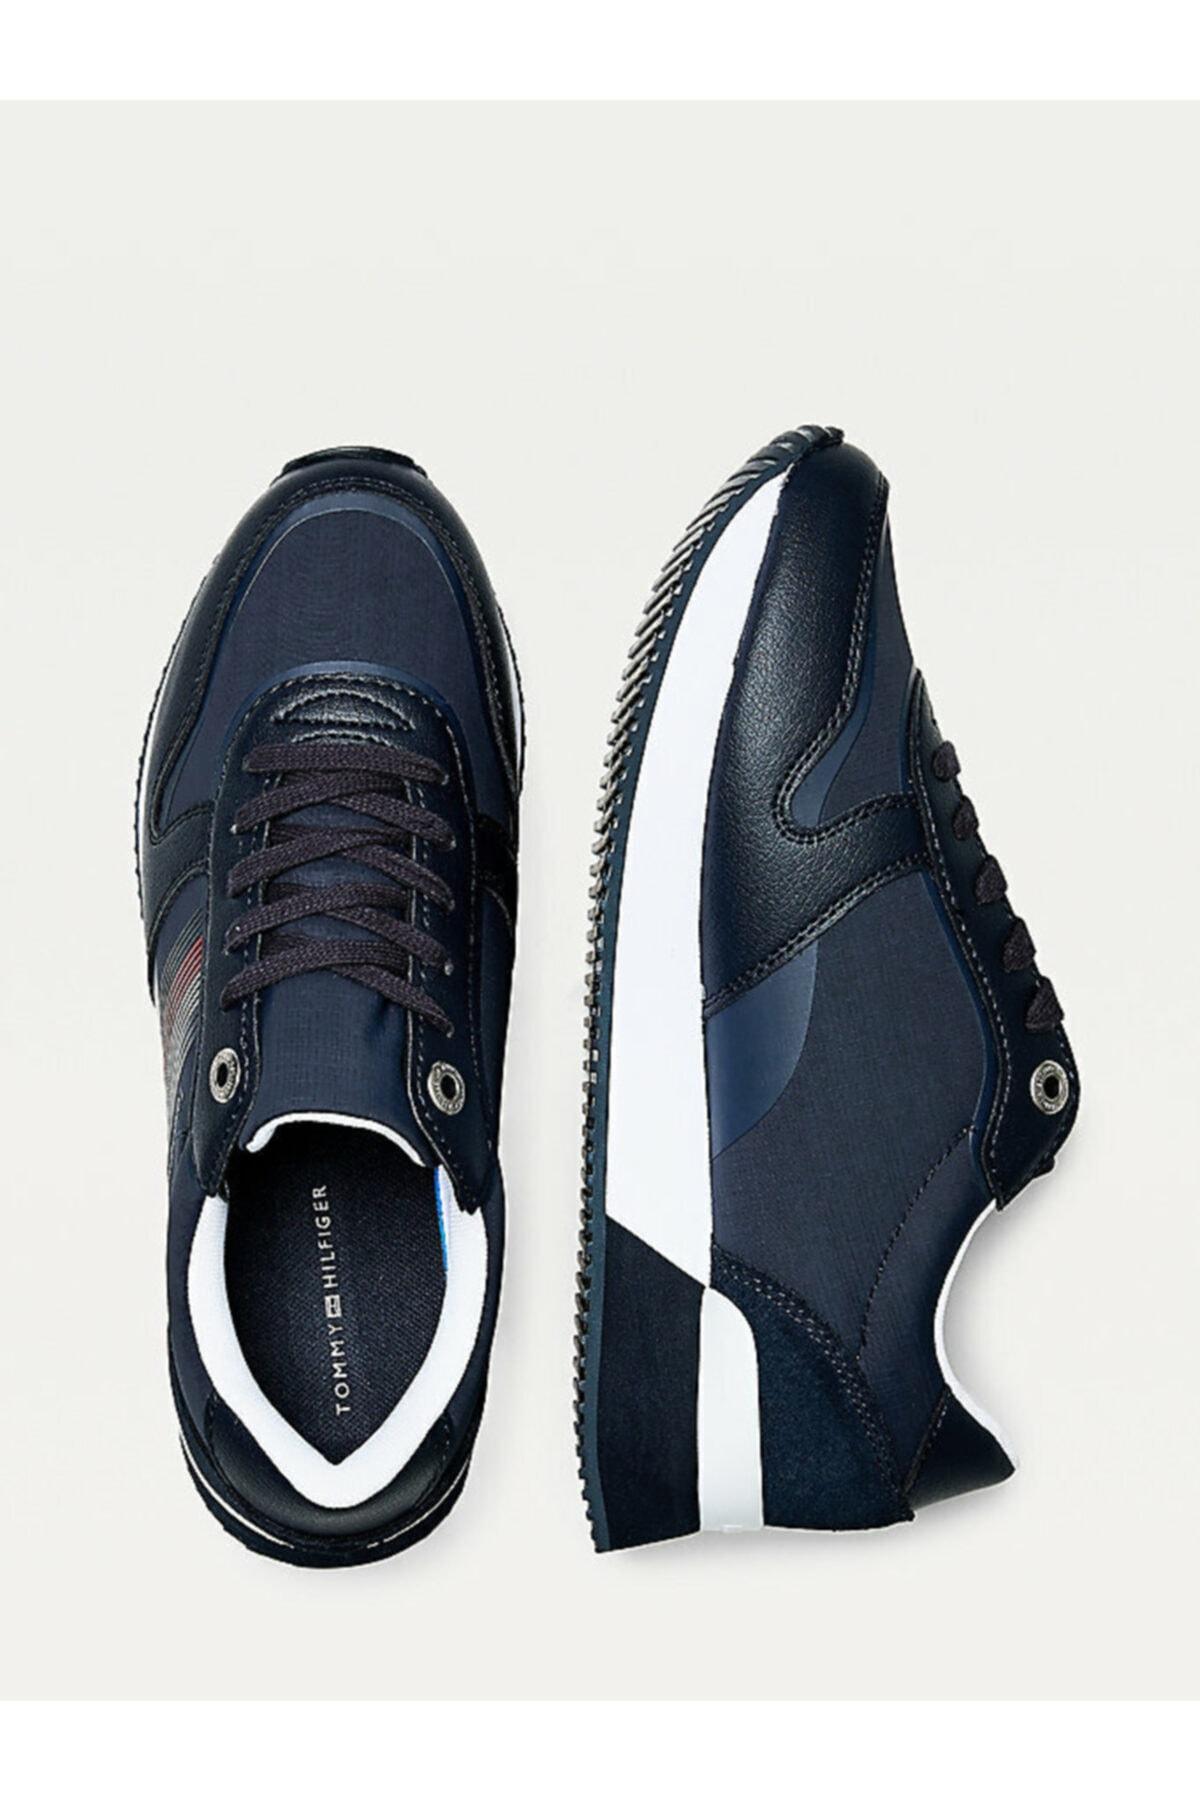 Tommy Hilfiger Kadın Th Active City Sneaker 2